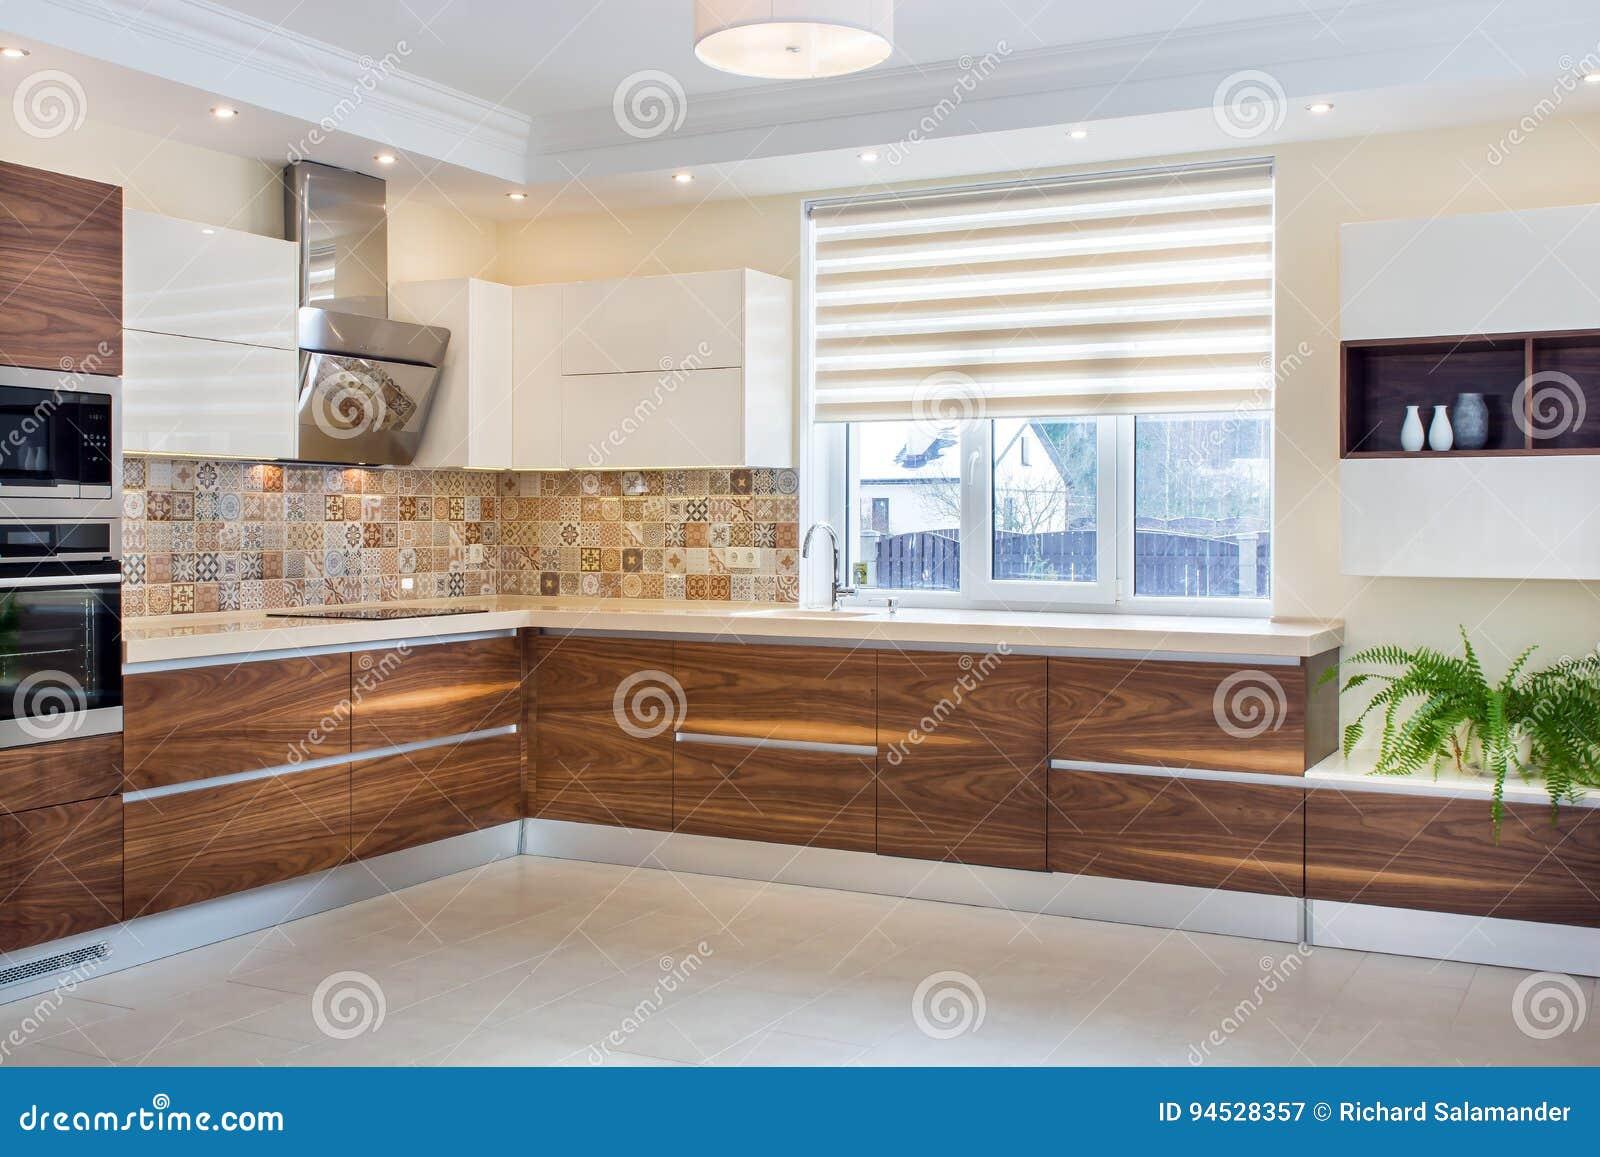 Conception moderne de la cuisine dans une lumière, intérieur lumineux